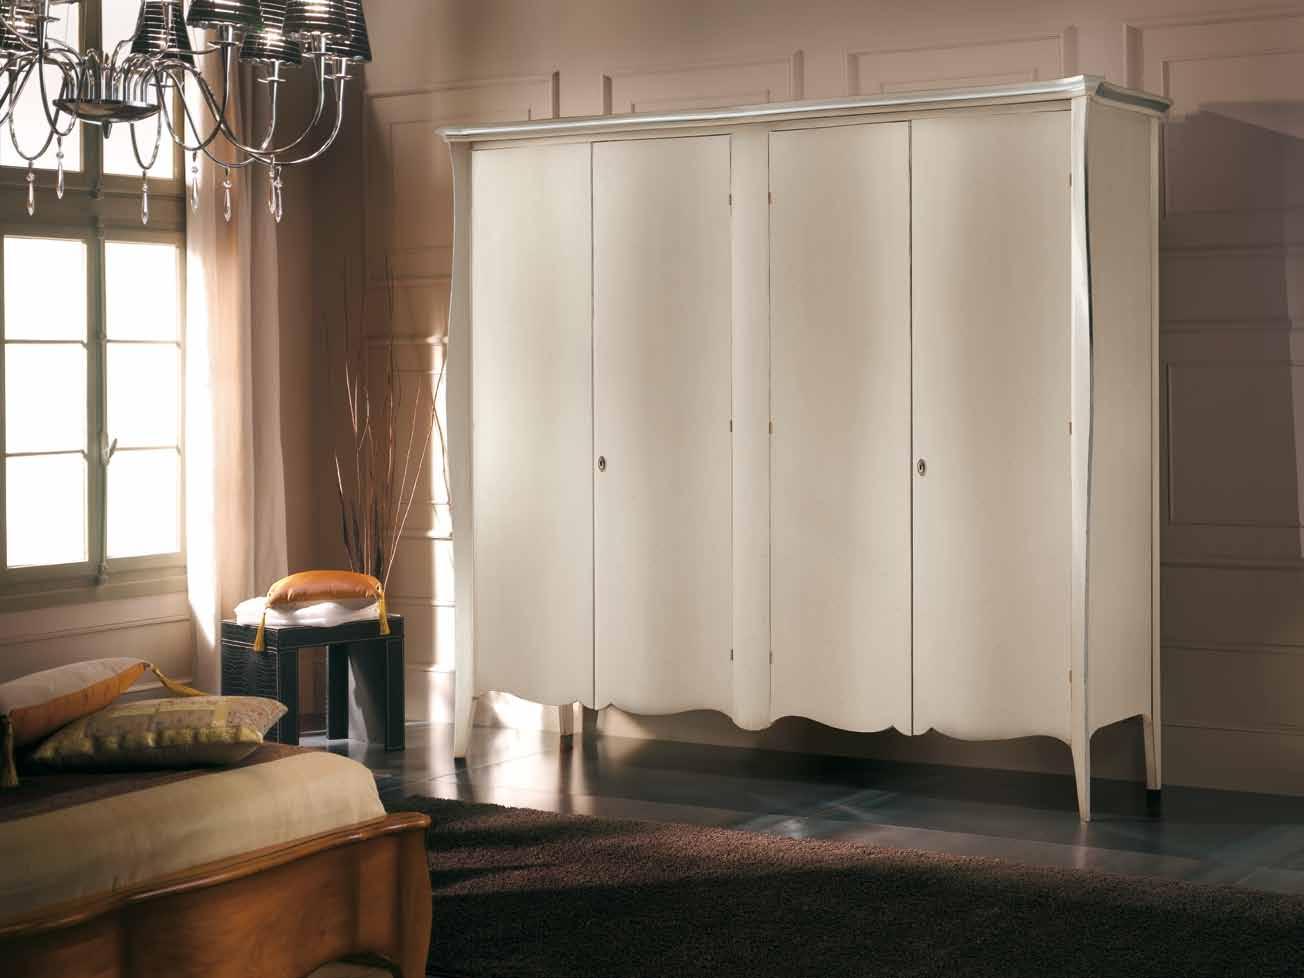 dconfianza ideas para crear un dormitorio con estilo